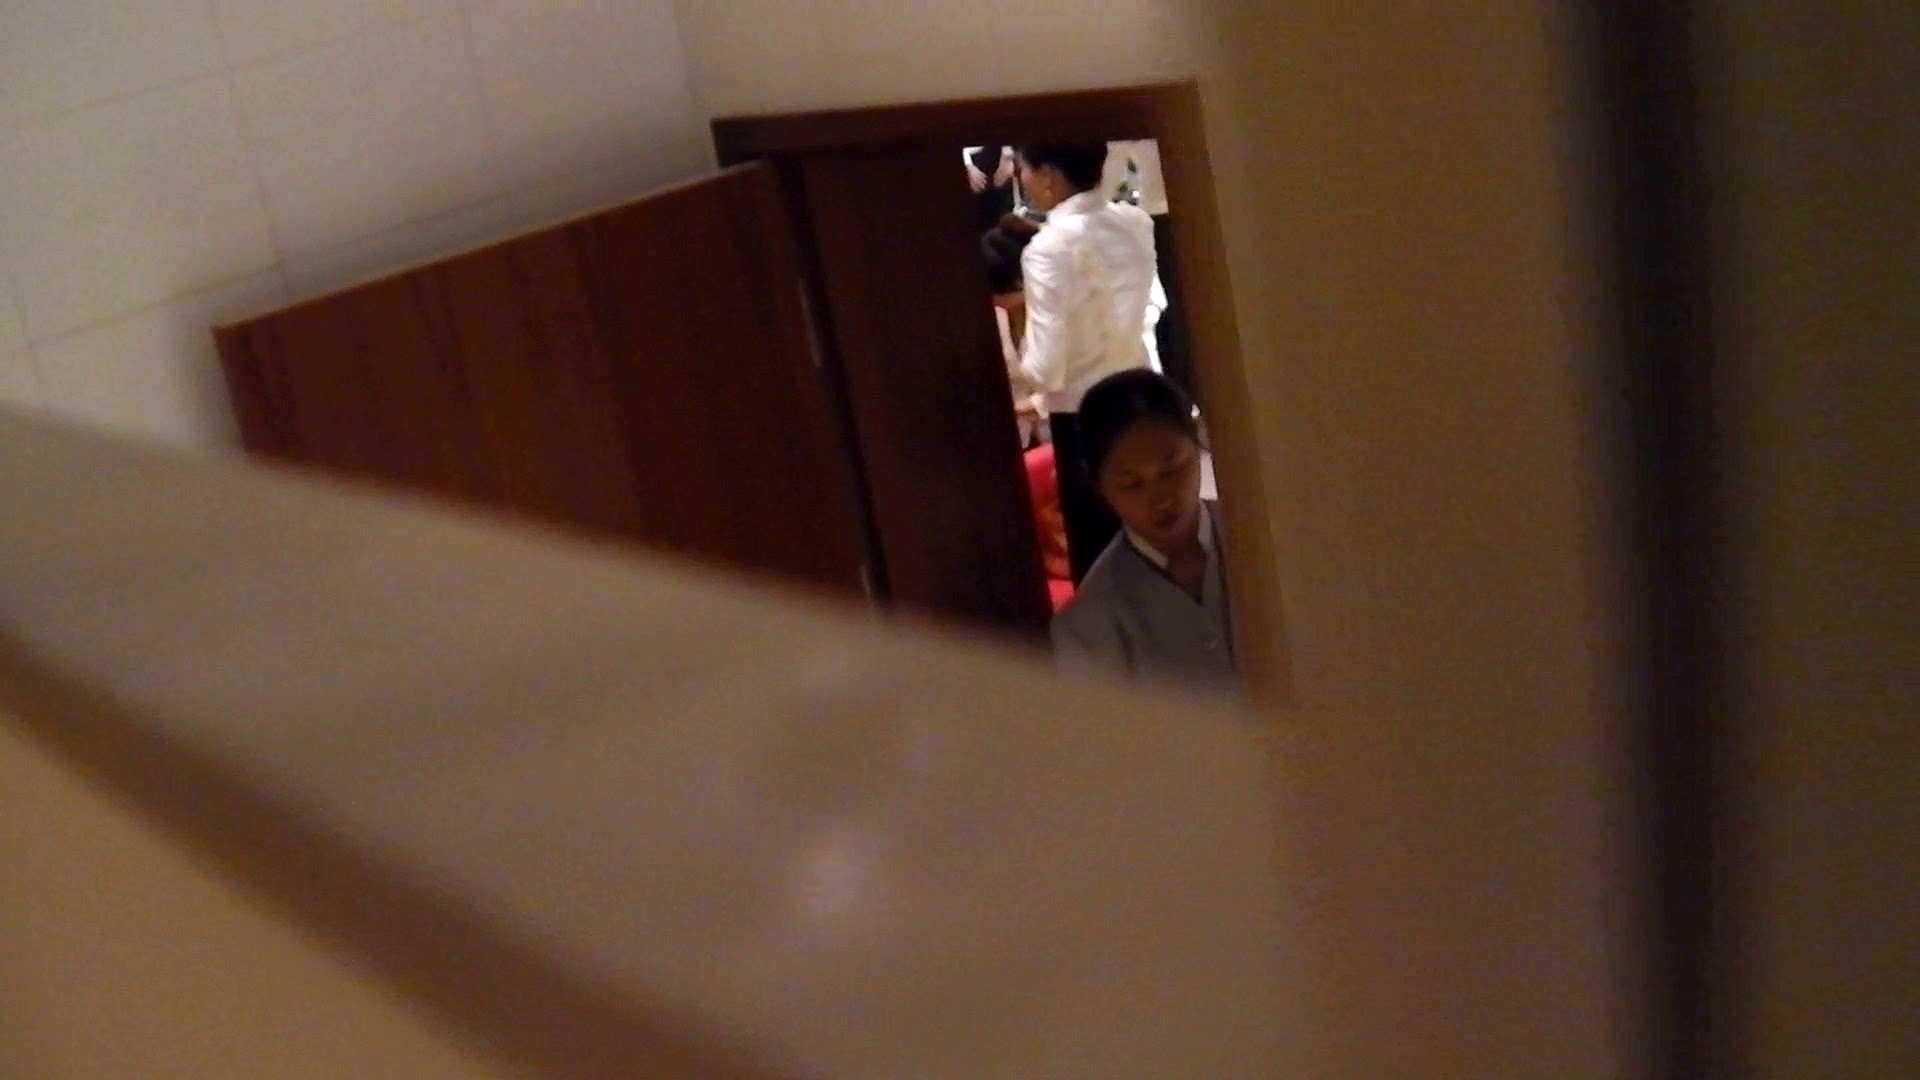 洗寿観音さんの 化粧室は四面楚歌Nol.3 洗面所 | OLのボディ  51PIX 35